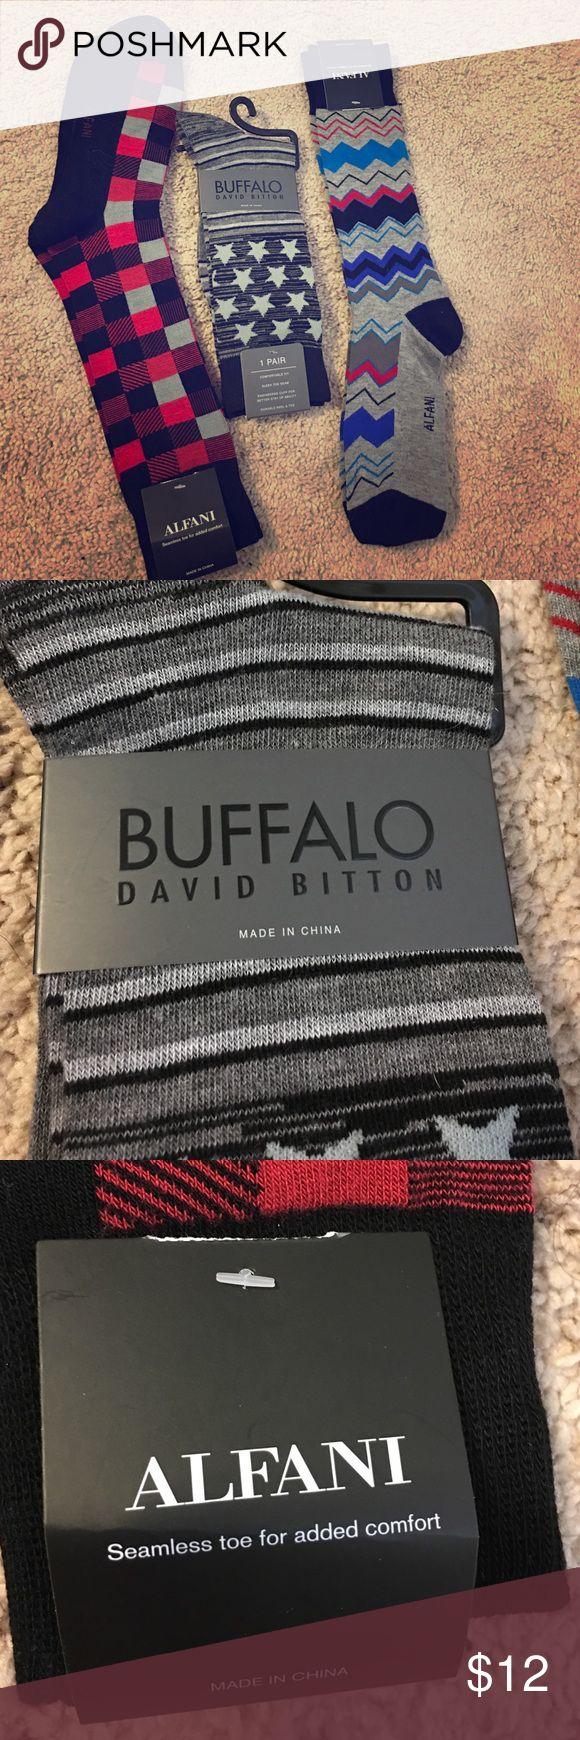 Set of 3 pairs of Dress socks!! Brand new, still have tags on them! Best deal on Poshmark. Buffalo David Bitton Underwear & Socks Dress Socks